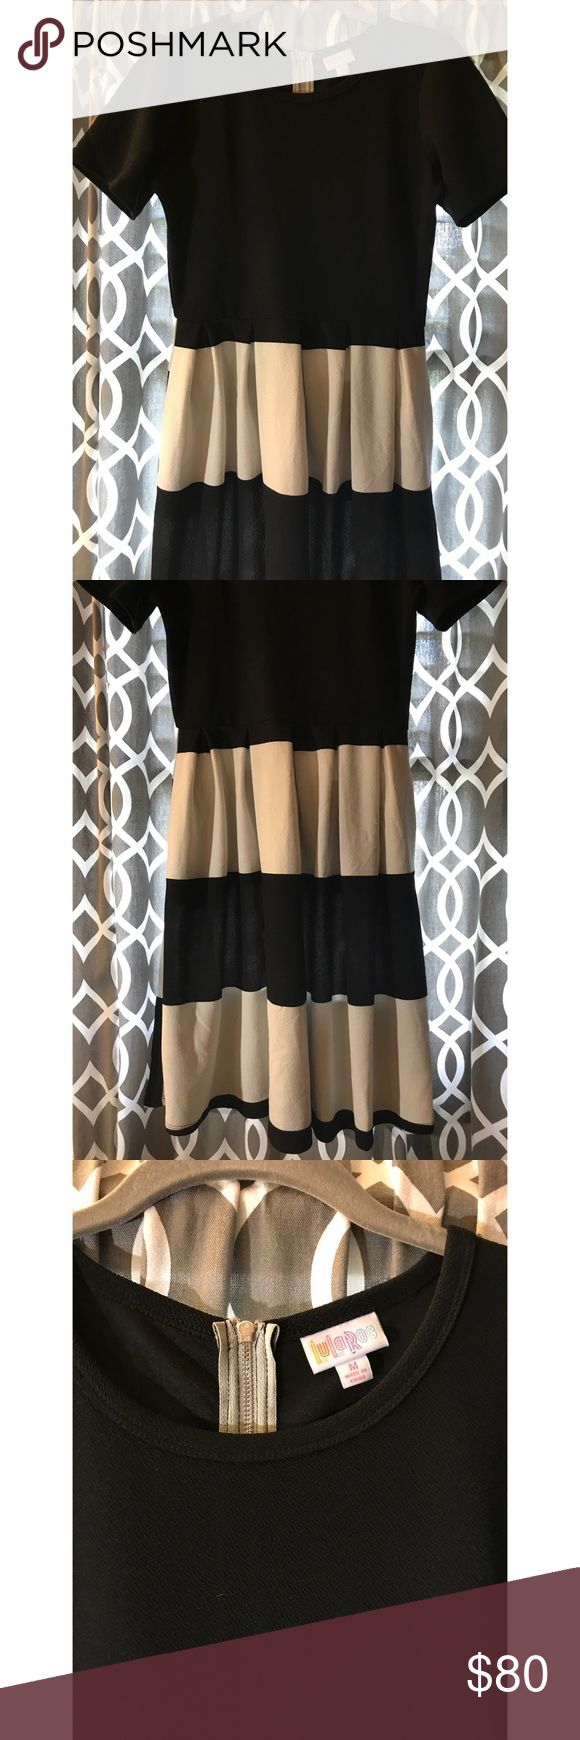 NWOT LuLaRoe Amelia Dress Never worn! Black top with large black and white stripes on the bottom. GORGEOUS for anybody or anywhere! LuLaRoe Dresses Midi